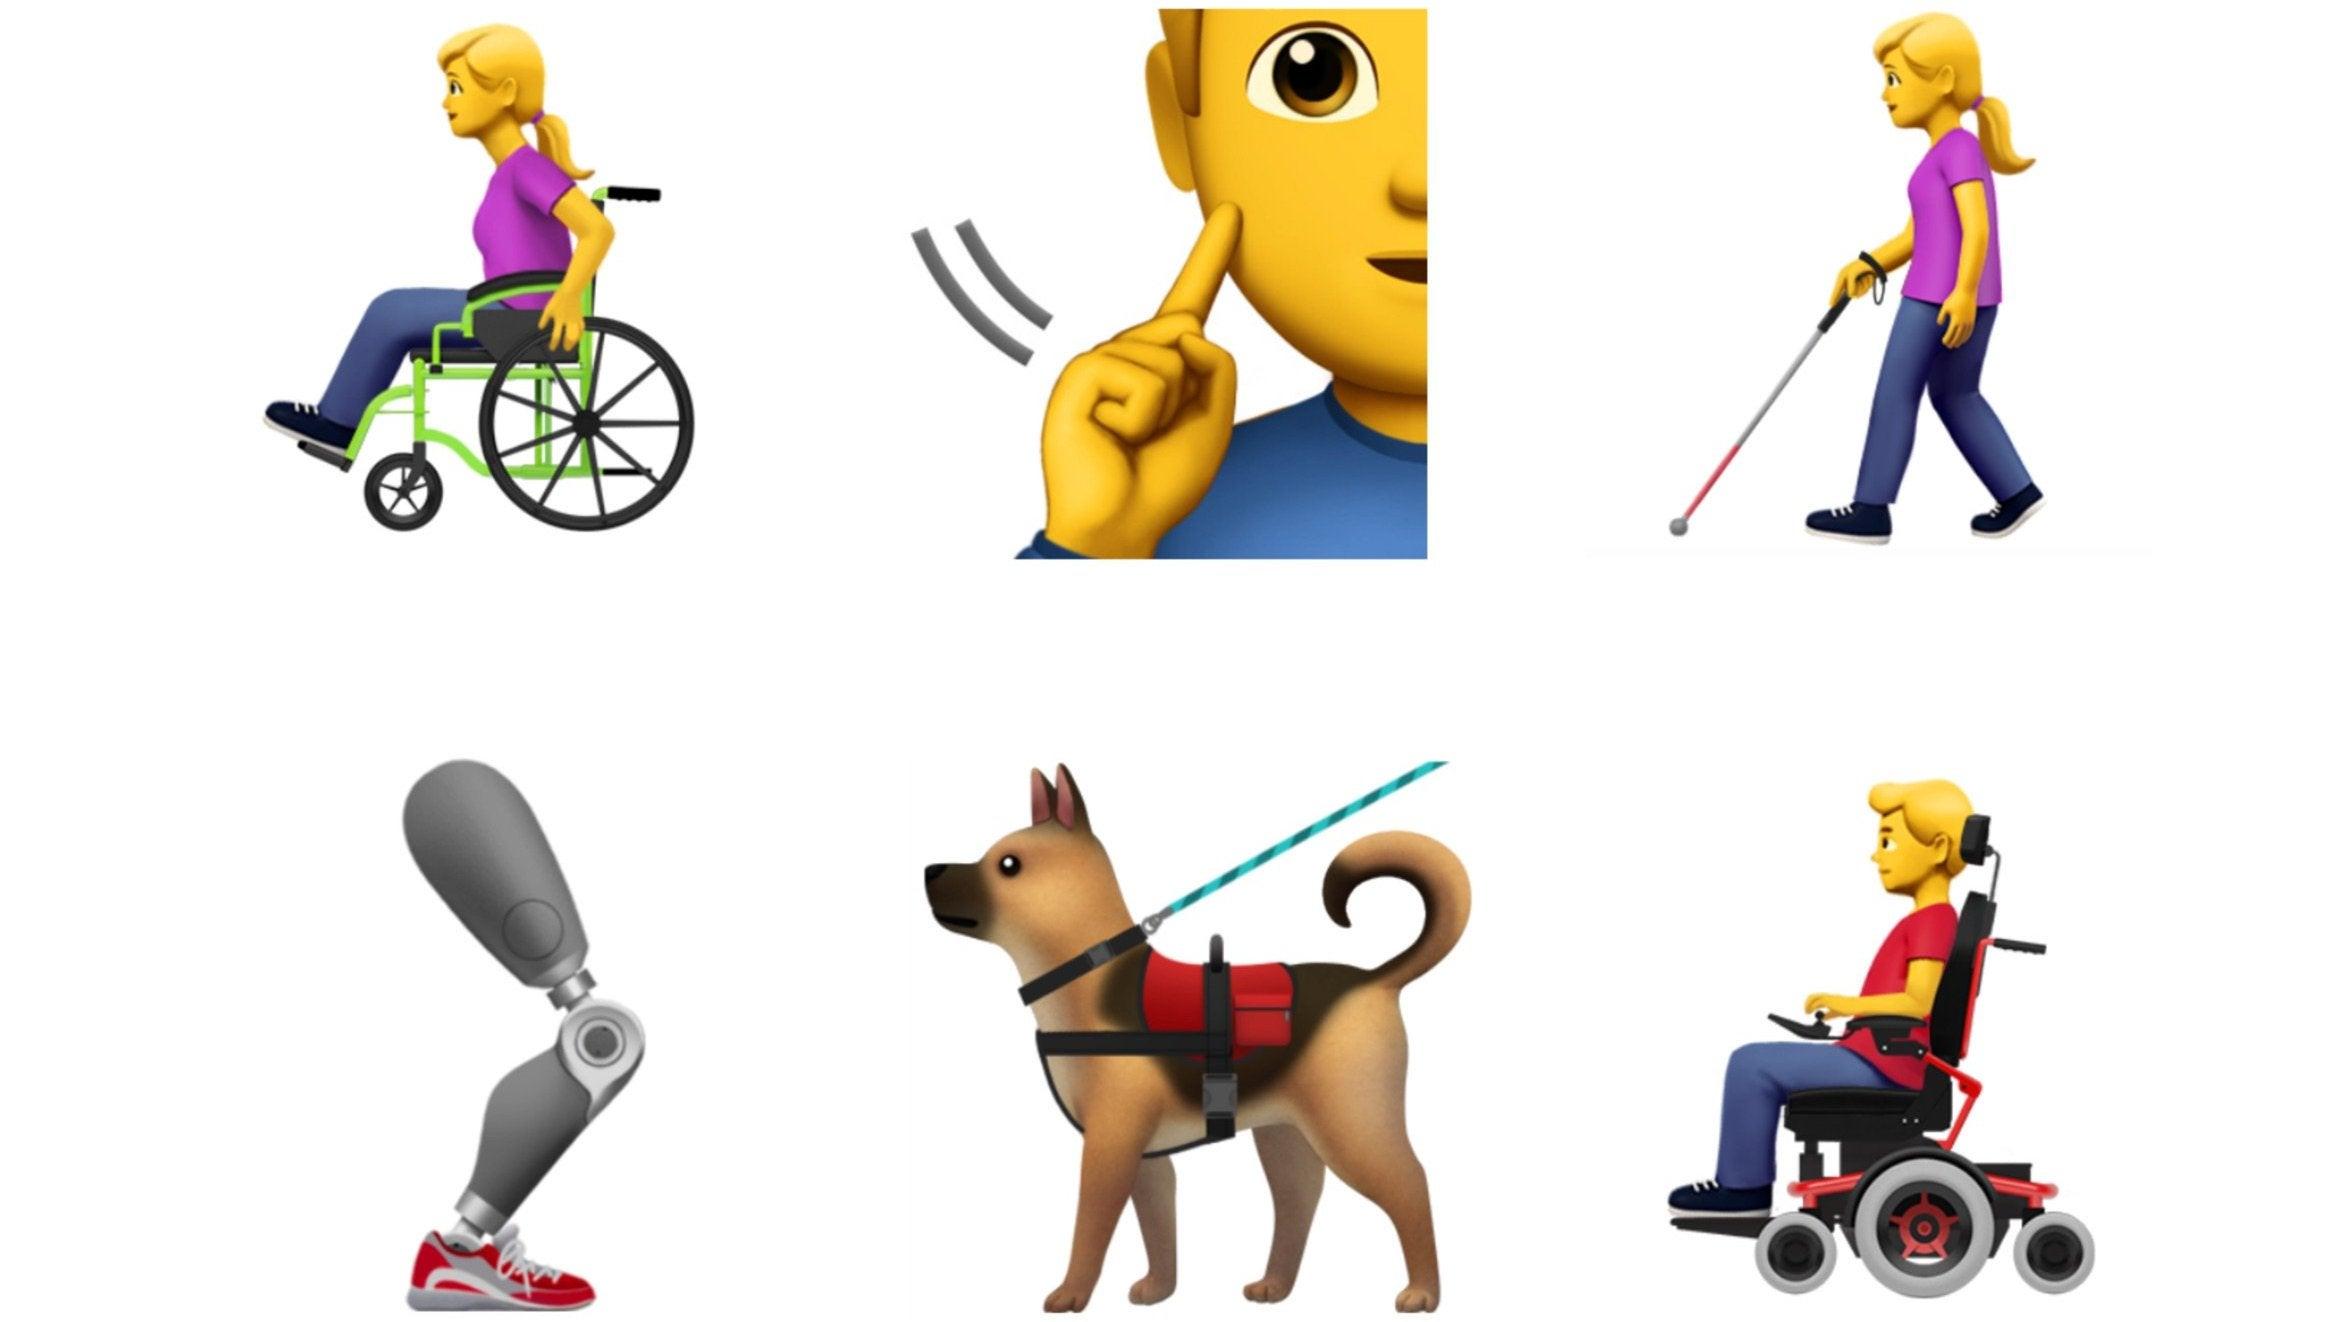 Blind dating emoji